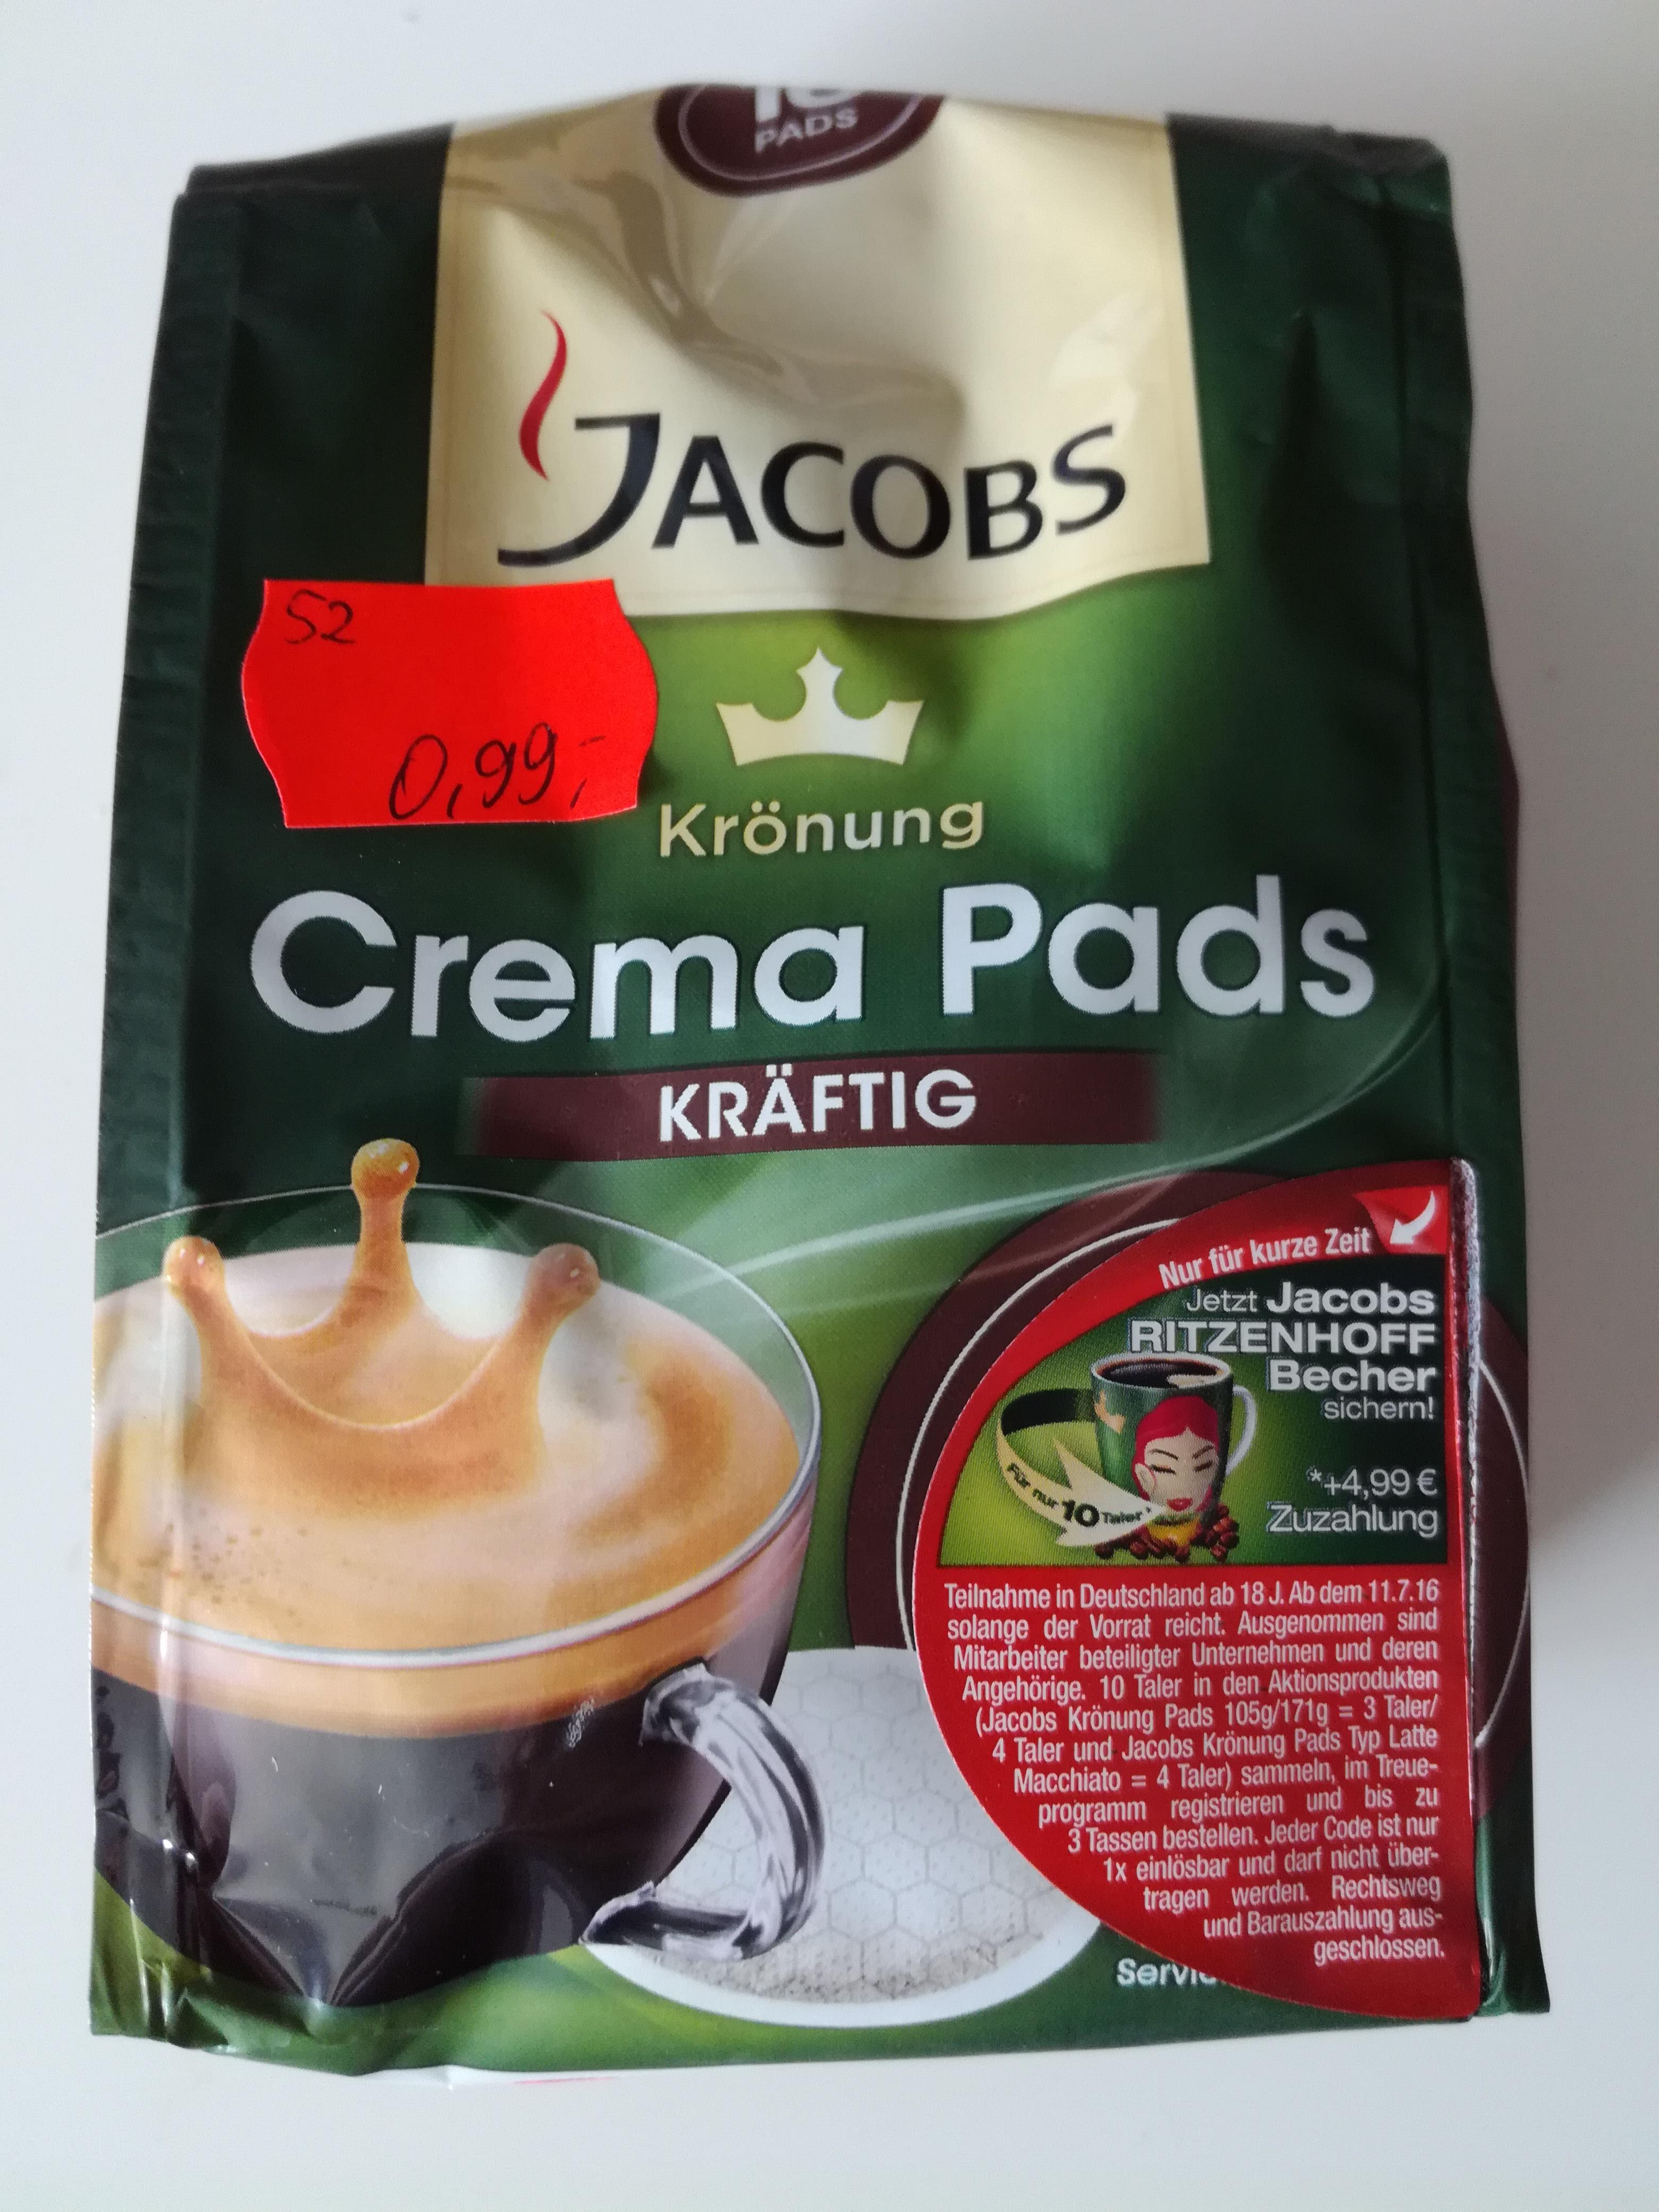 Jacobs Krönung Crema Pads für 0,99€  [Lokal Edeka München]